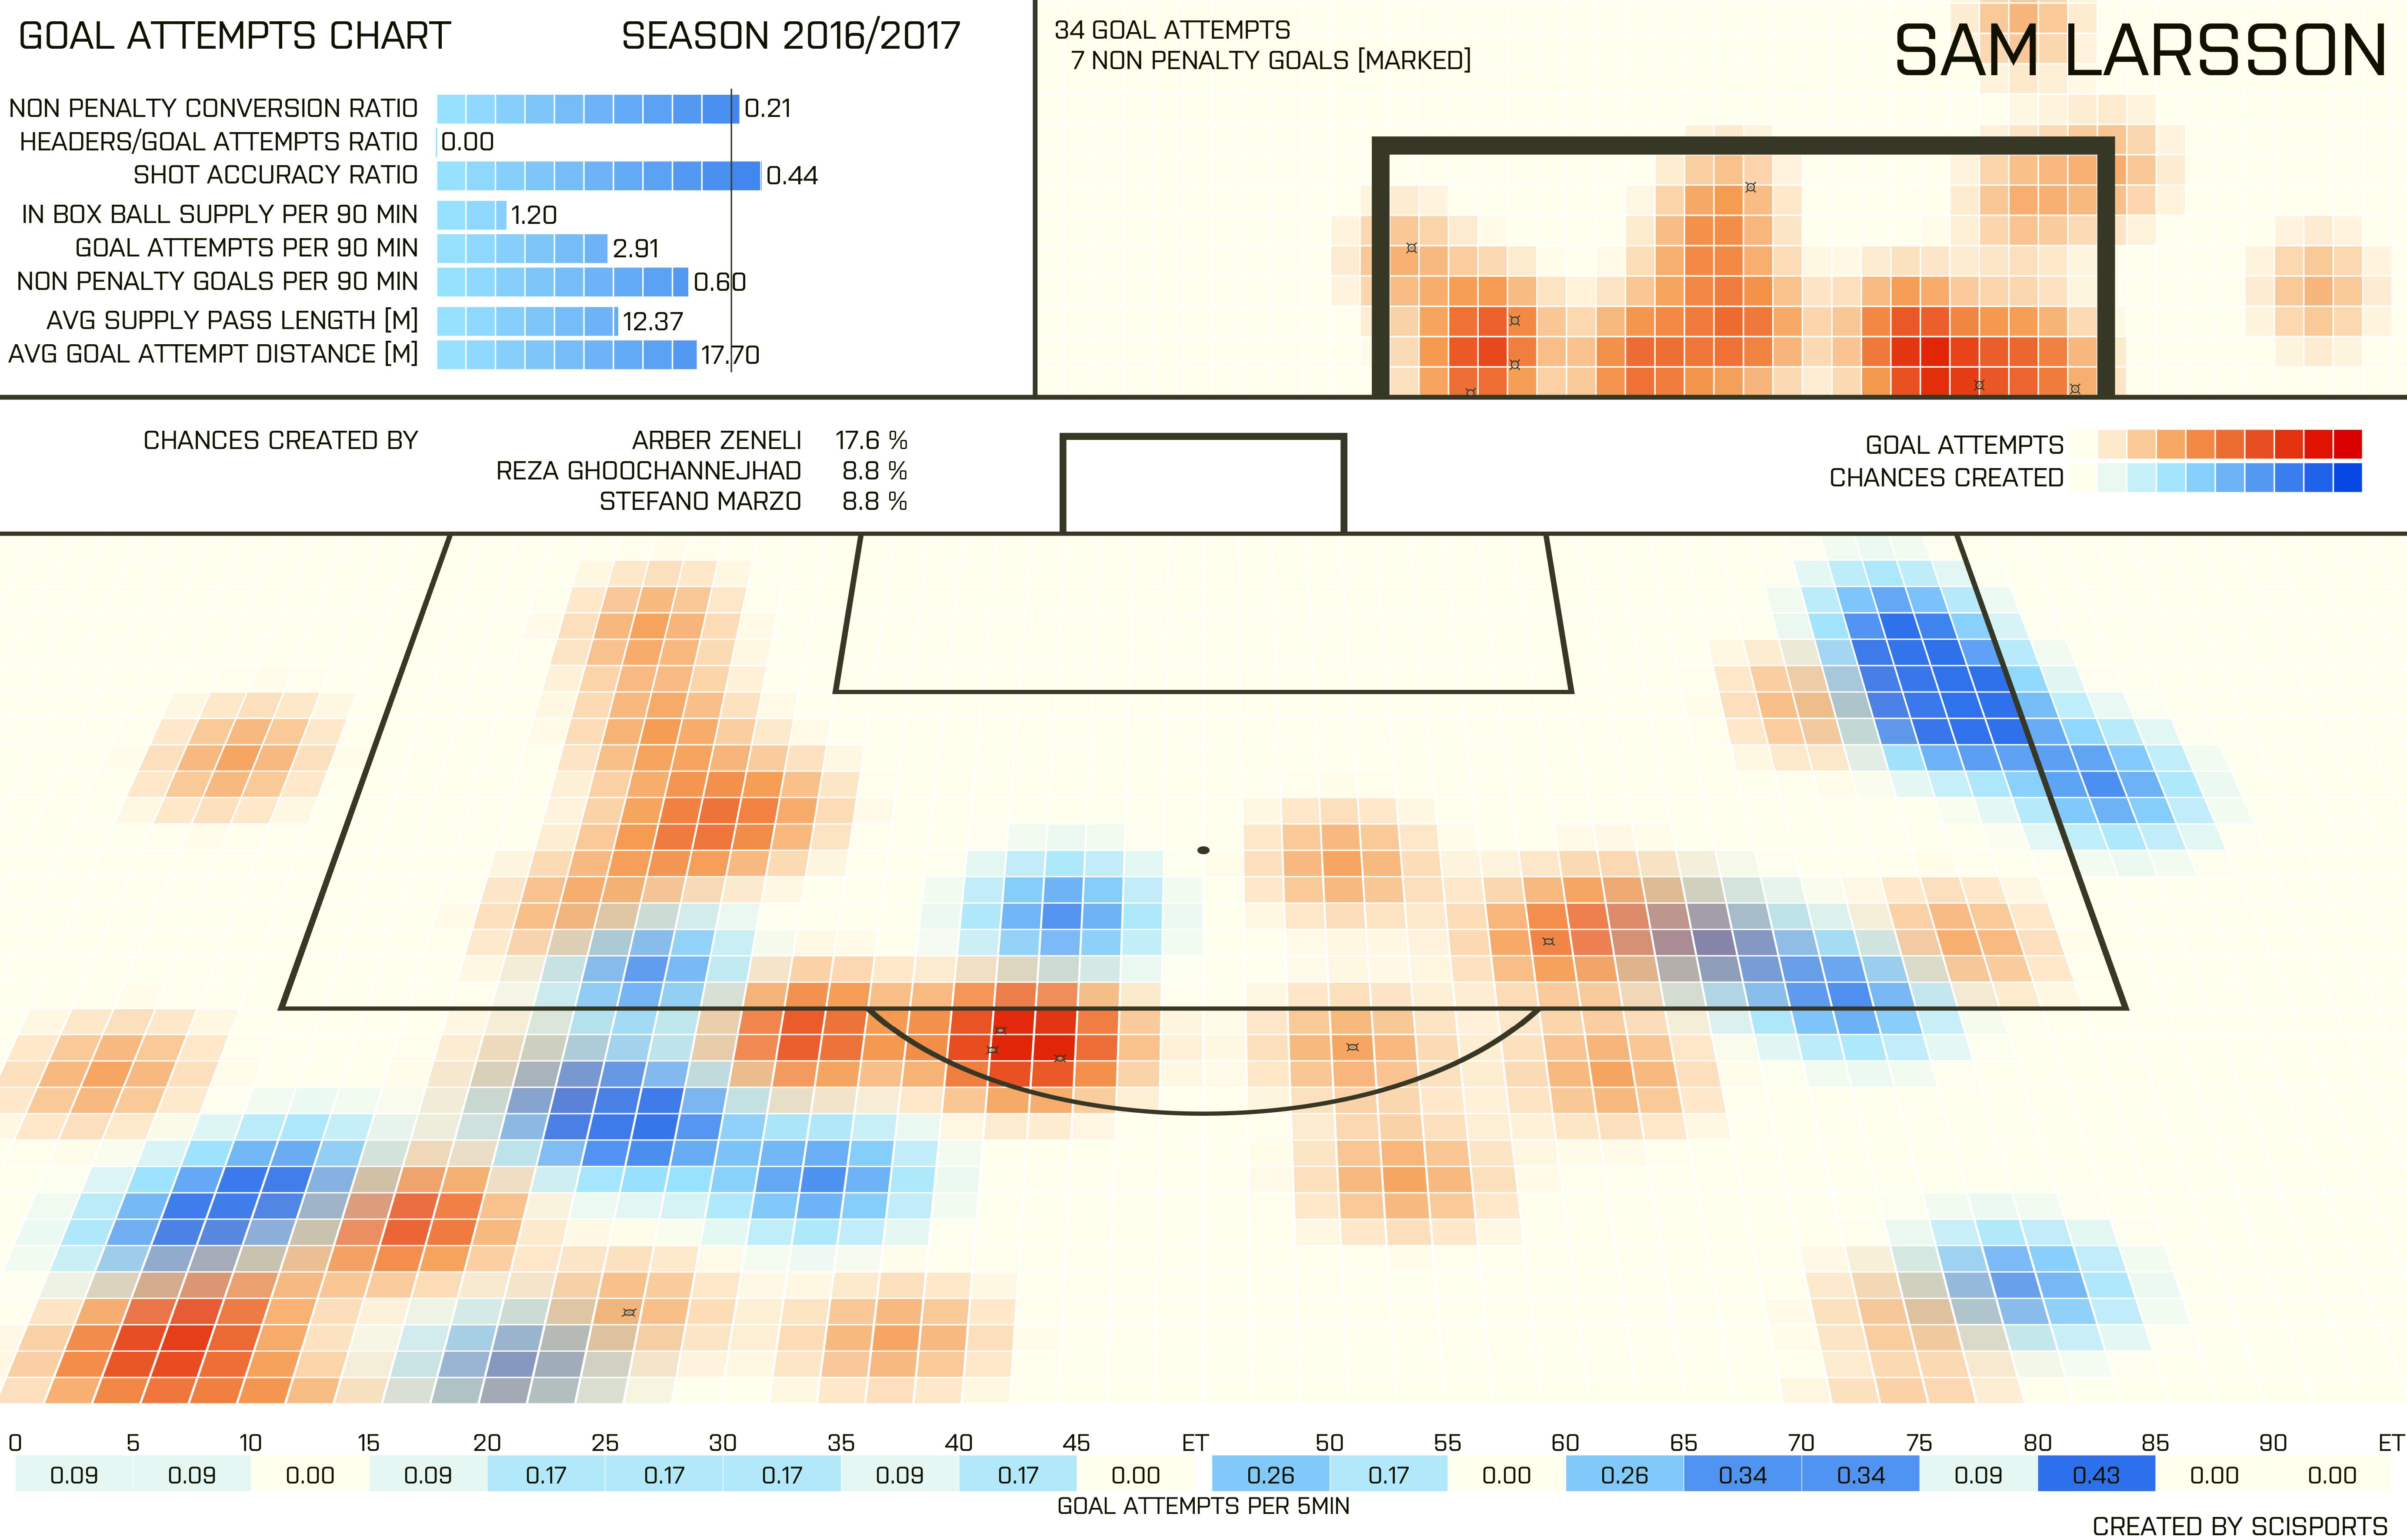 Afbeelding 2: SciSports' Goal Attempts Chart van Sam Larsson t/m speelronde 16. De wedstrijd tegen Willem II is niet verwerkt in de data.